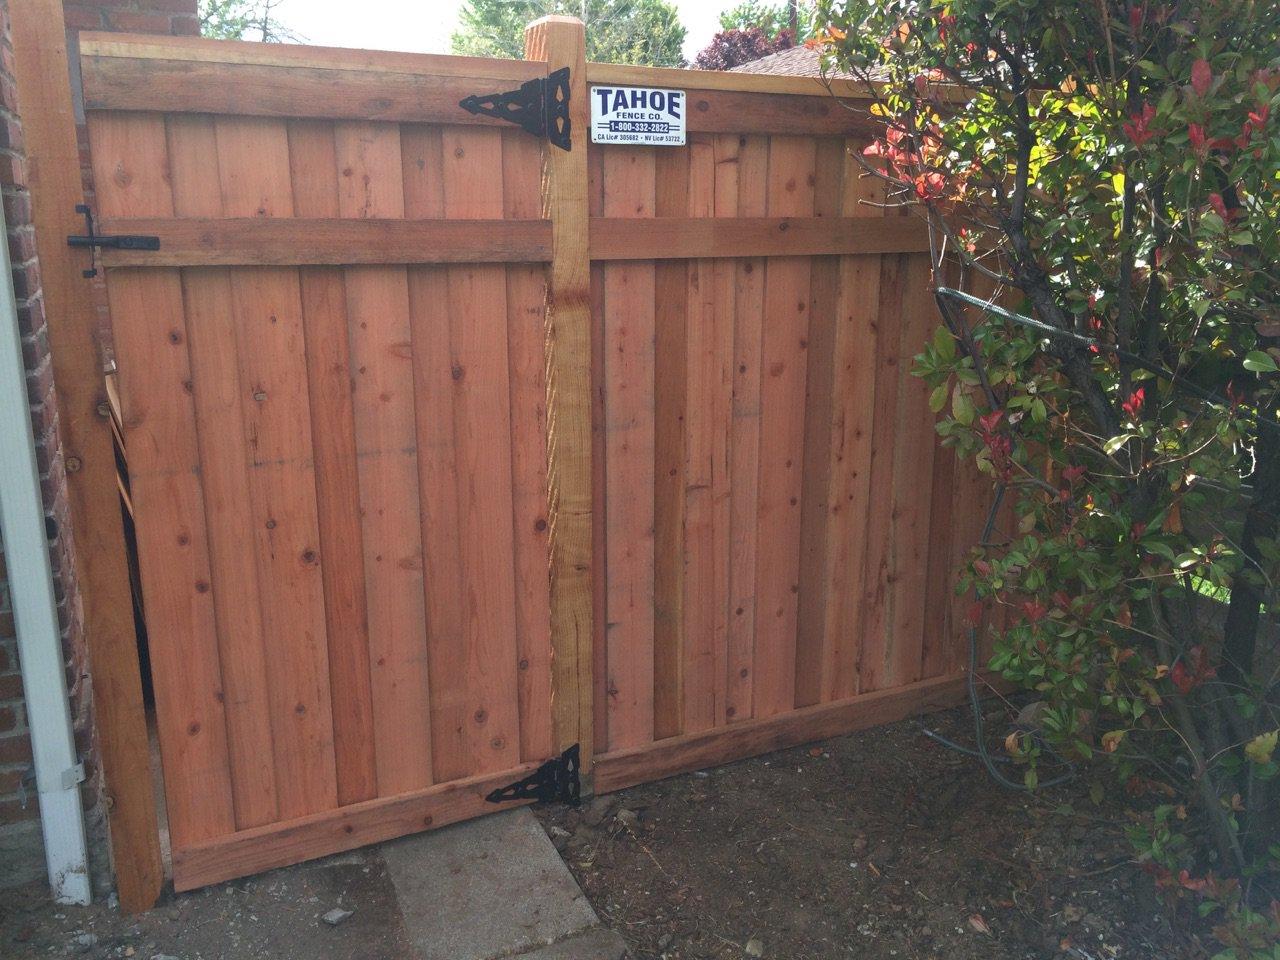 Wood Tahoe Fence